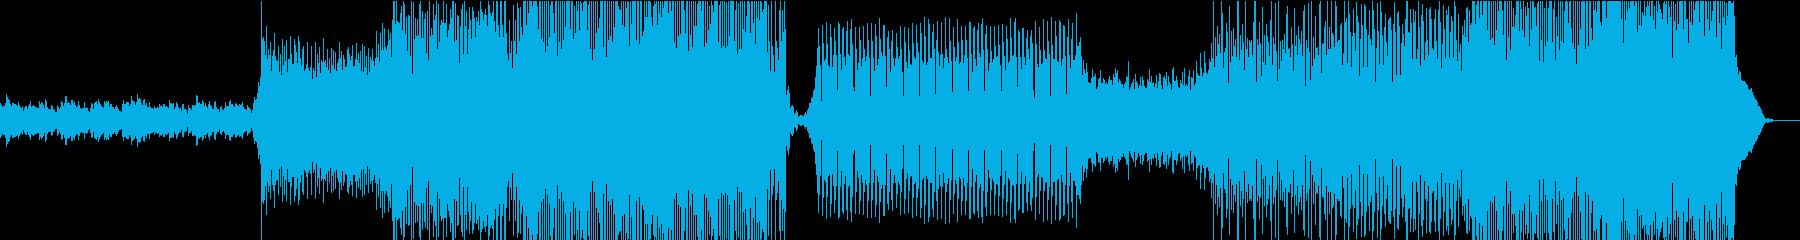 爽やかで清涼感ある心地いいEDMの再生済みの波形